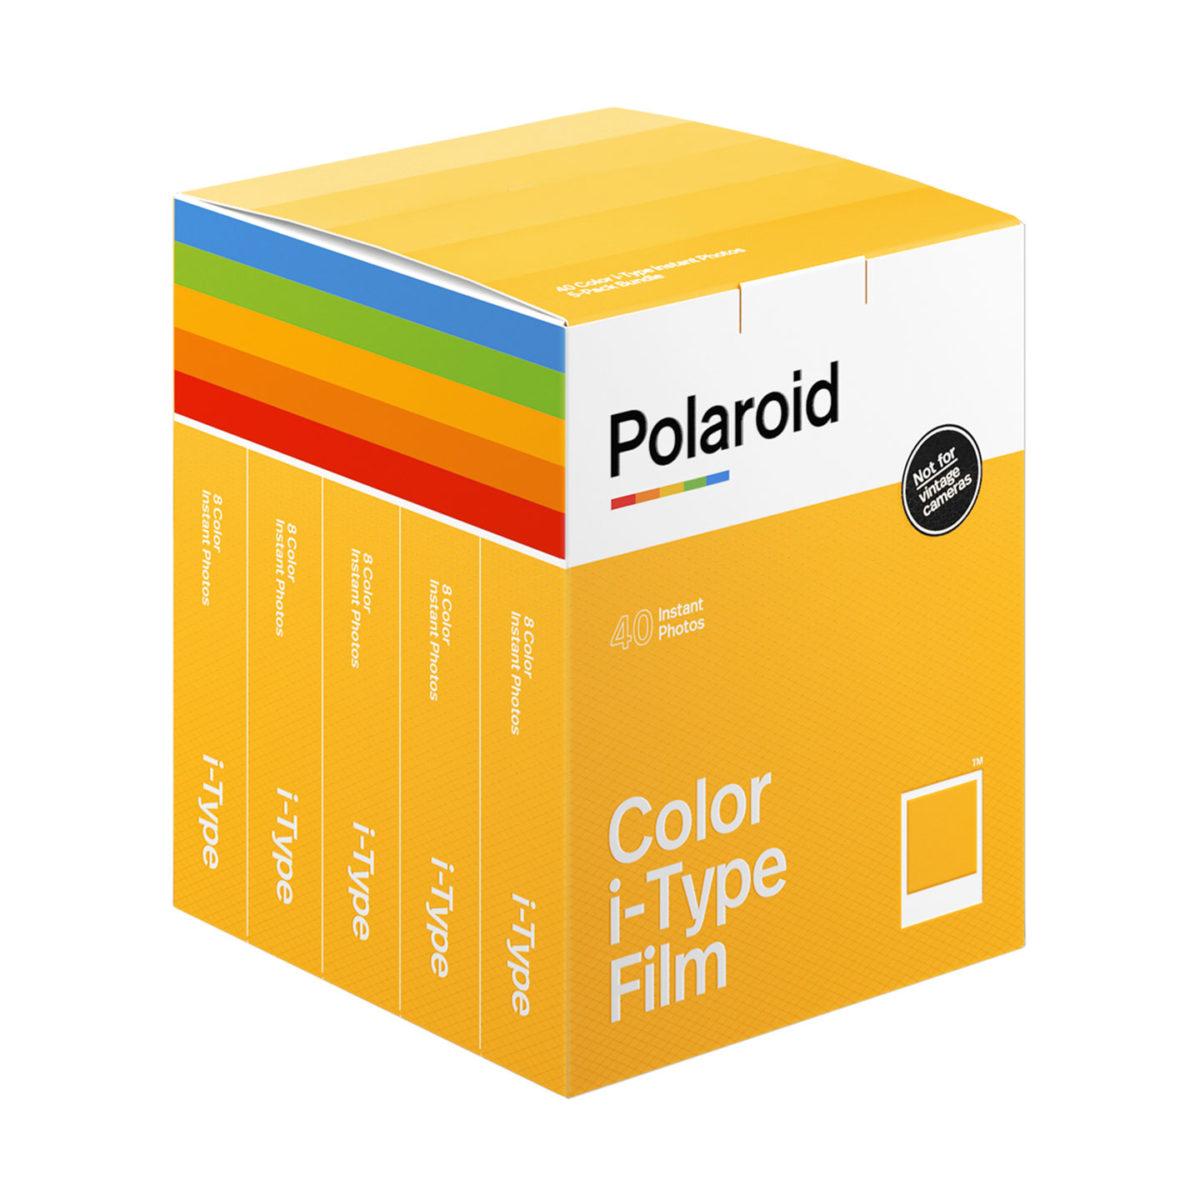 polaroid_i_type_color_film_5p_01